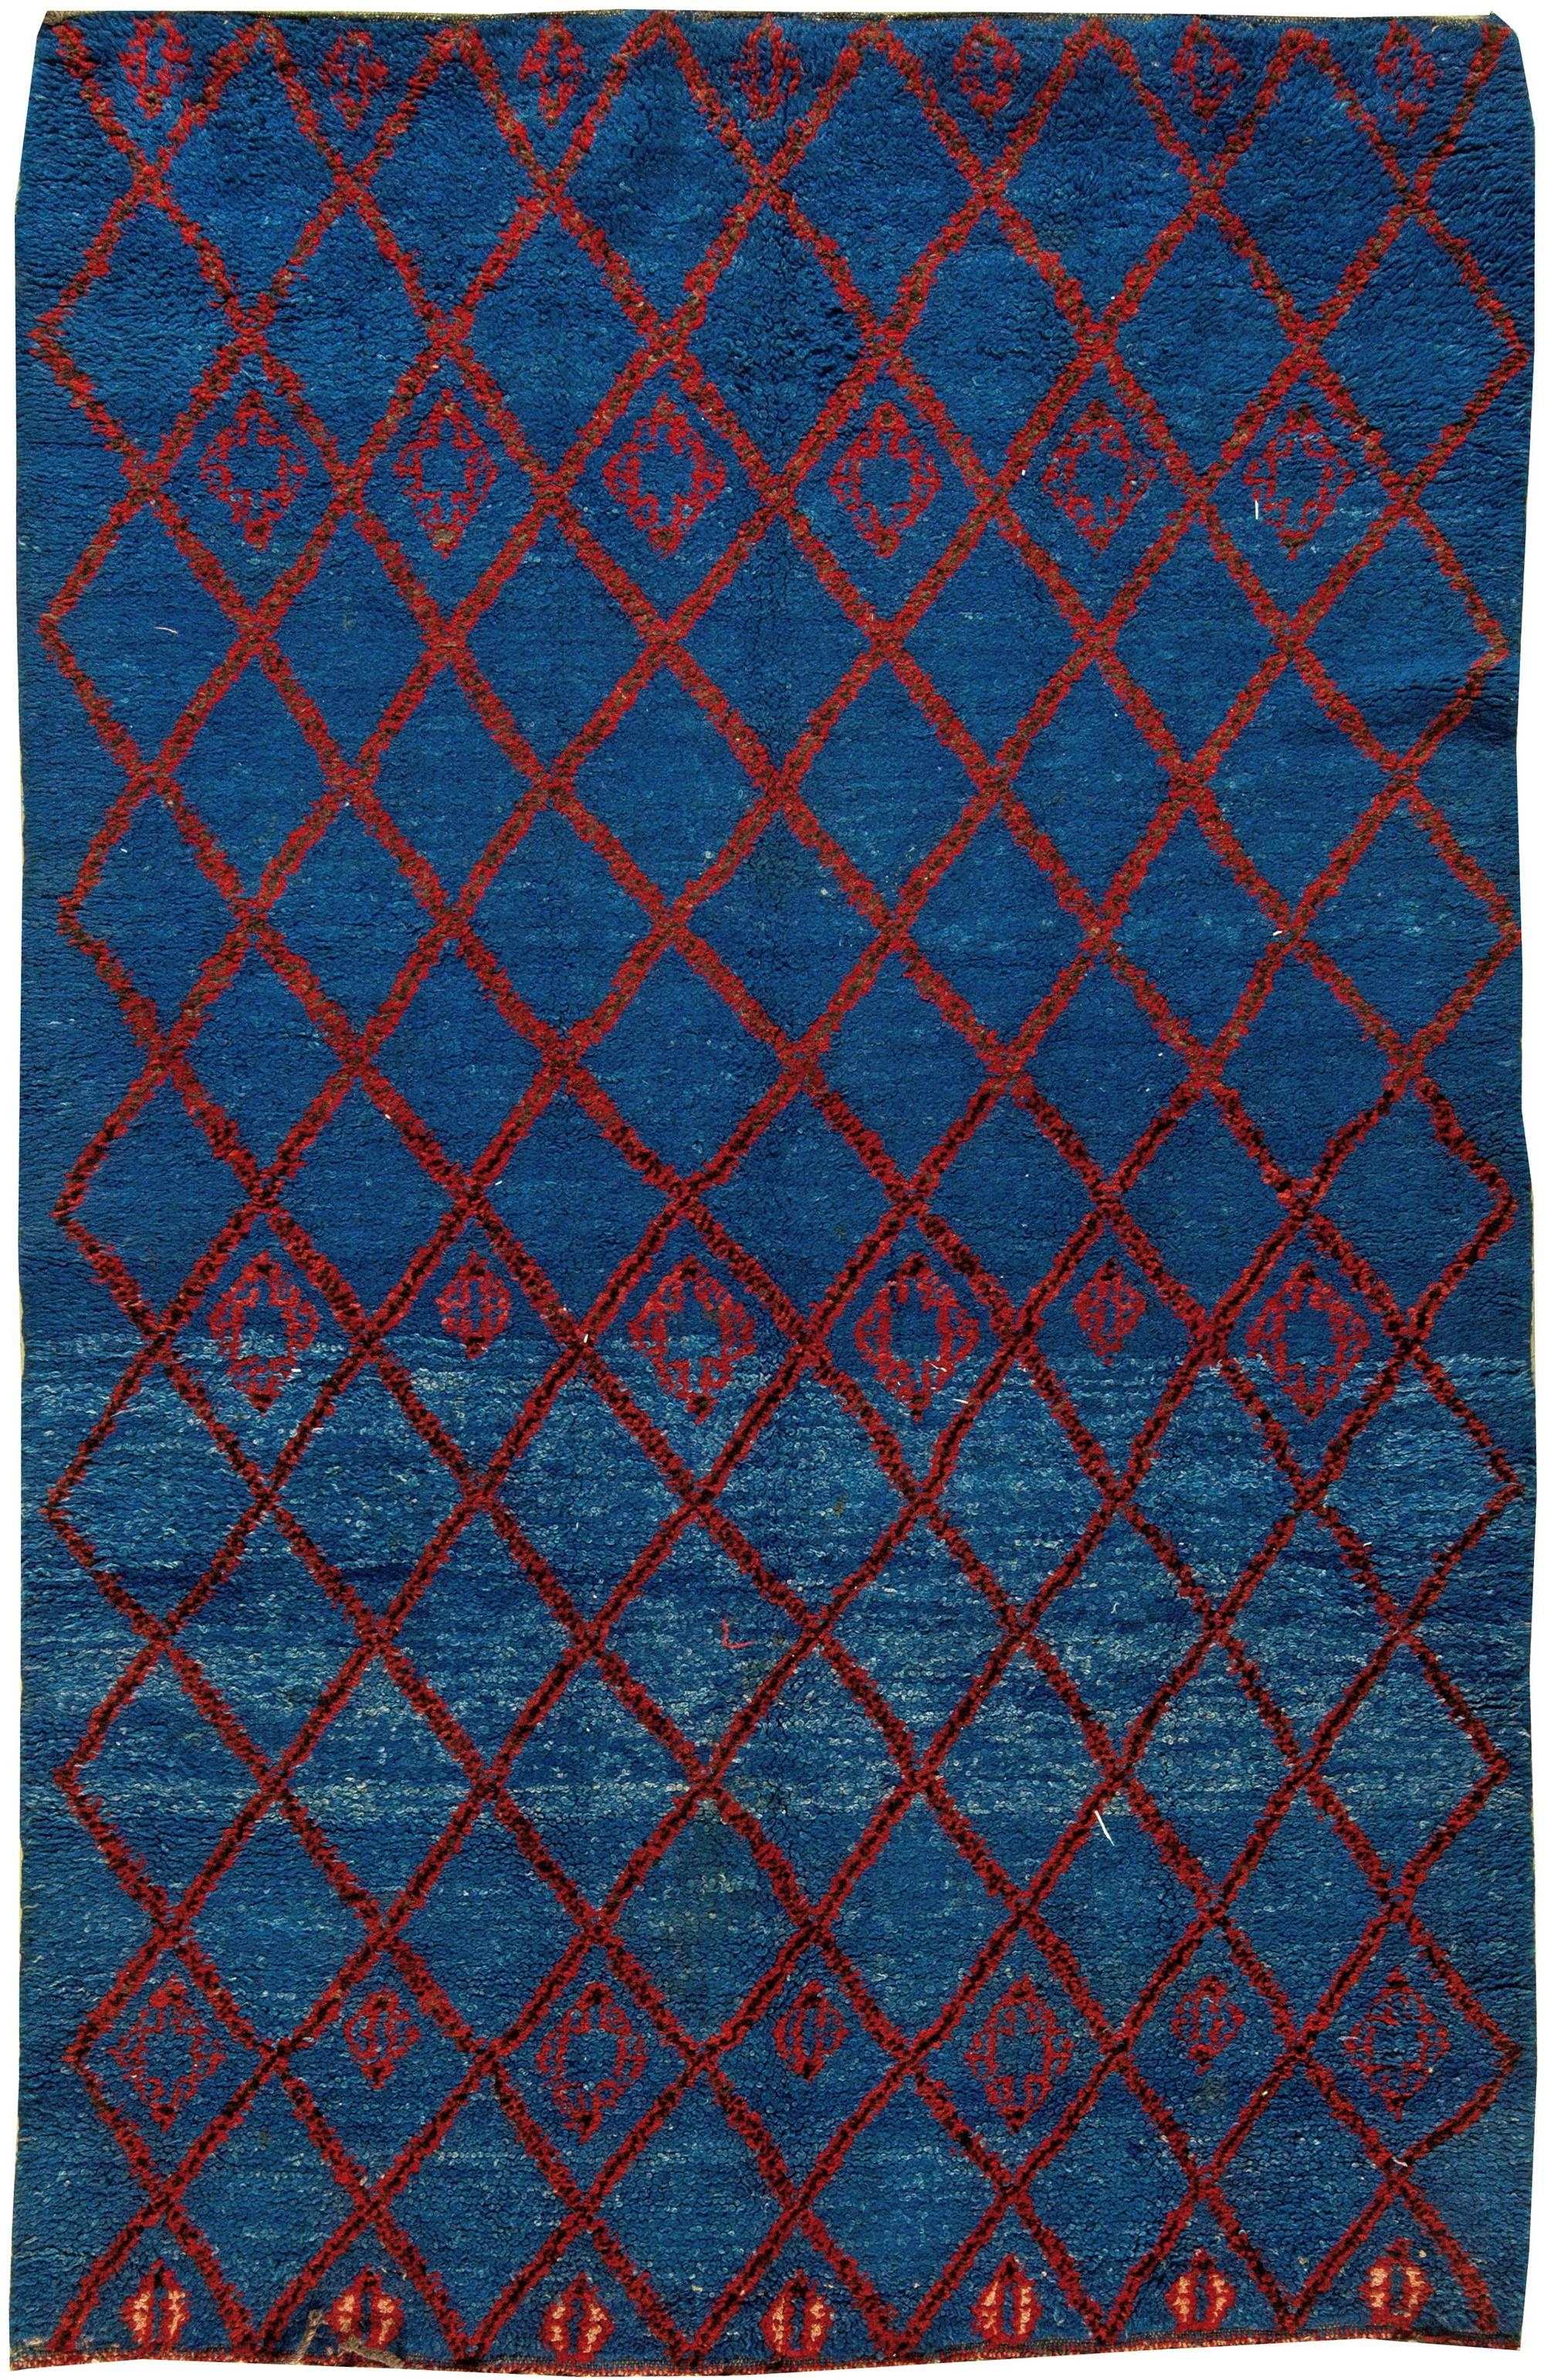 Vintage Moroccan Rug BB5846